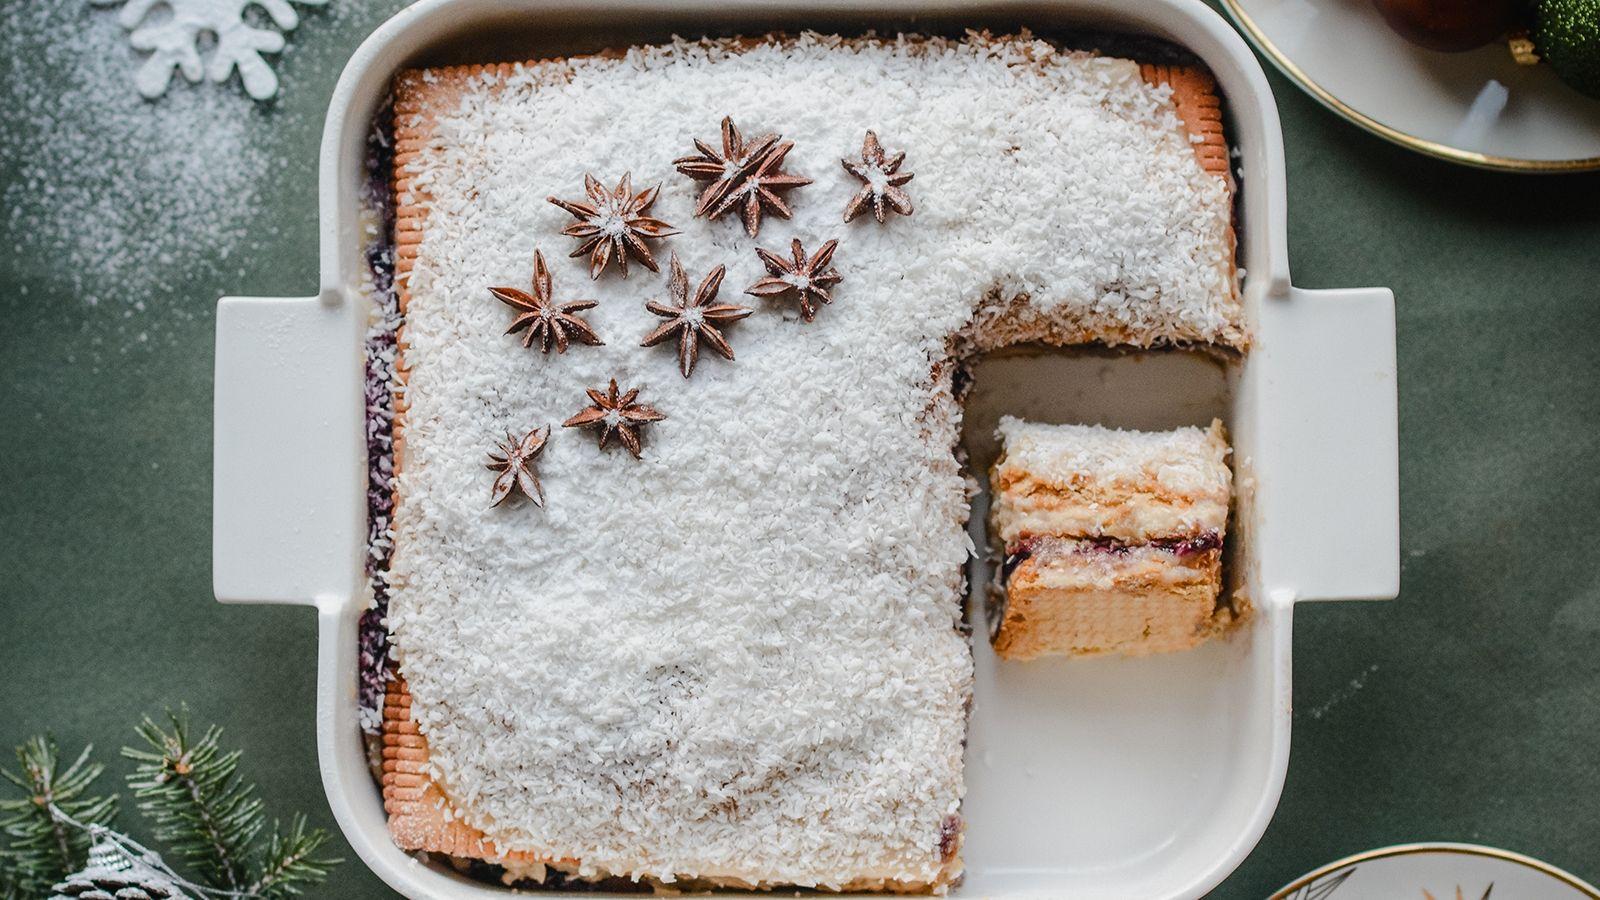 Świąteczne ciasto chałwowe bez pieczenia, z masą budyniową, orzechami i bakaliami